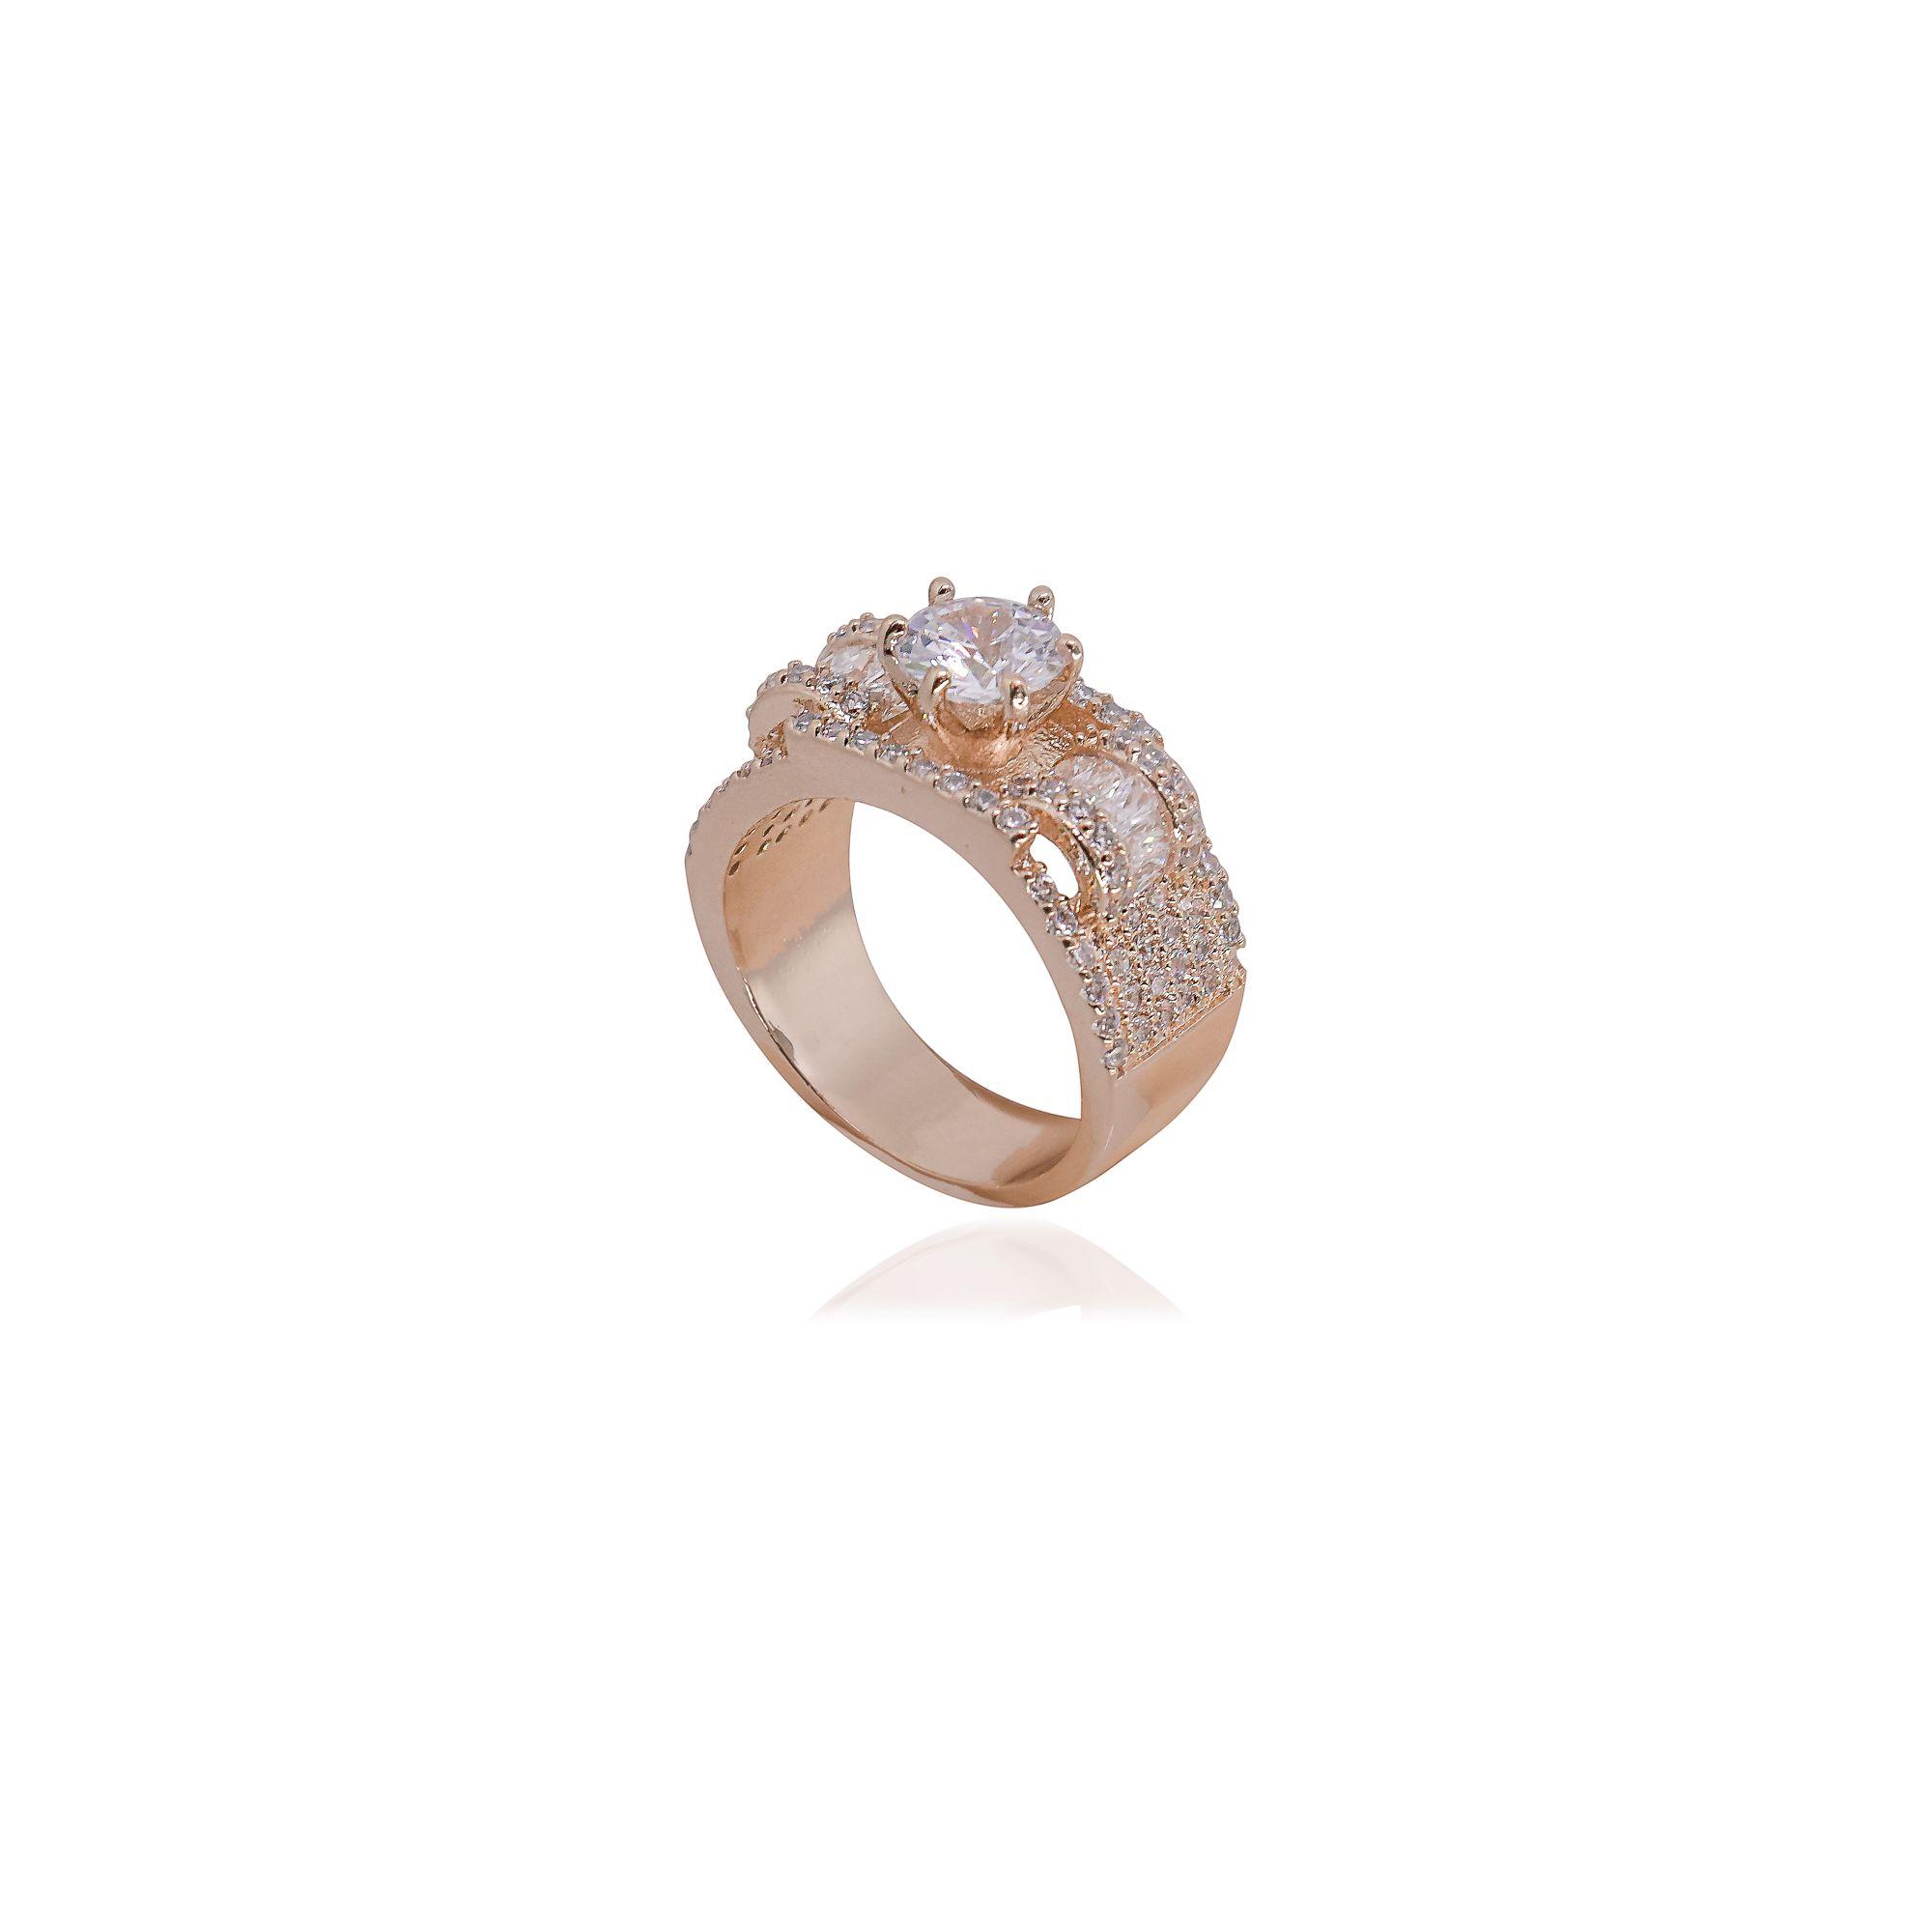 Anel Semi joia Solitário largo baguettado em zircônia e banhado a ouro 18k ou rhodium